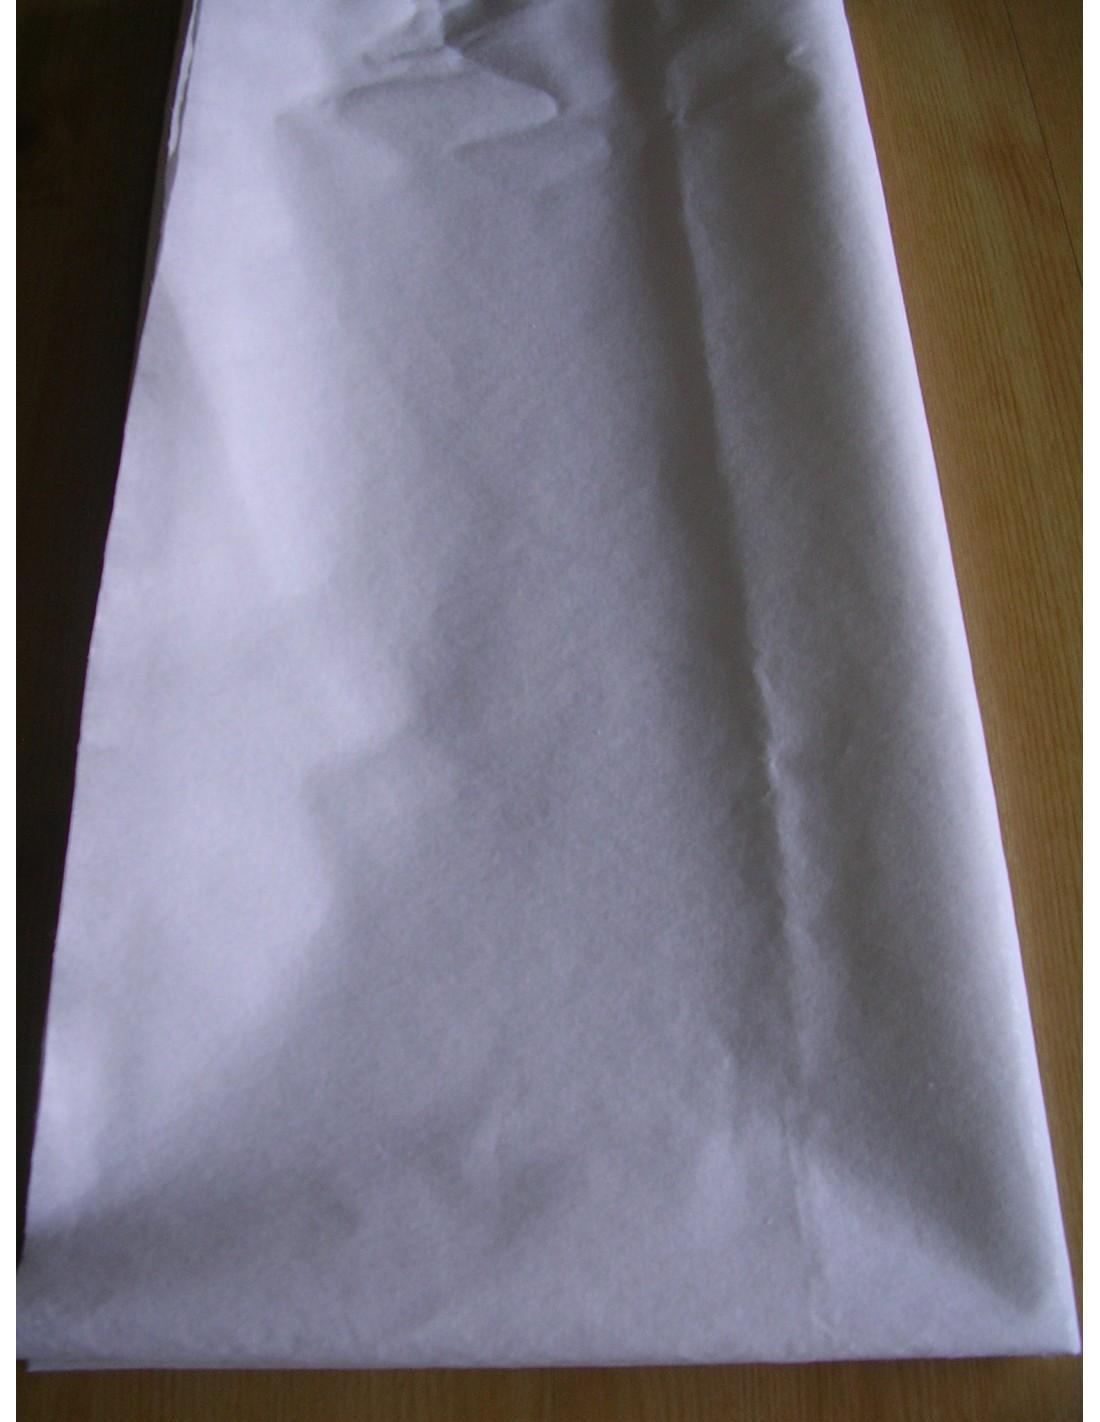 Toile collante themocollant rigide sac toile tisse - Toile au metre ...